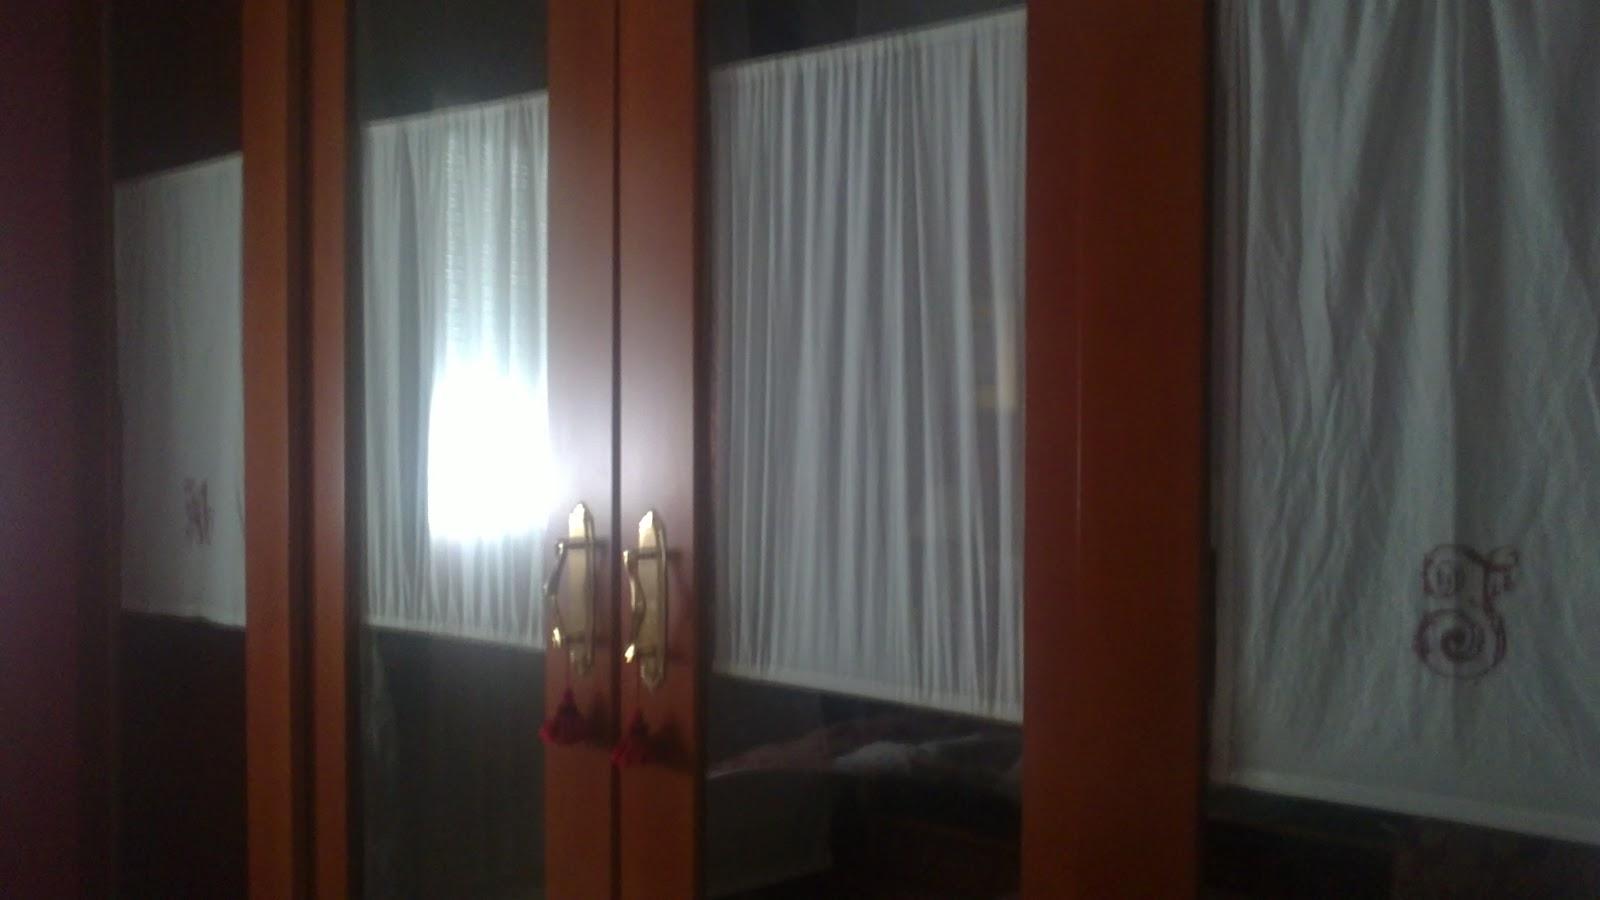 esta es la entrada a mi vestidor como las puertas son de cristal laminado decidi hacer unos visillos con tela de hilo y vahinicas con el tono granate de